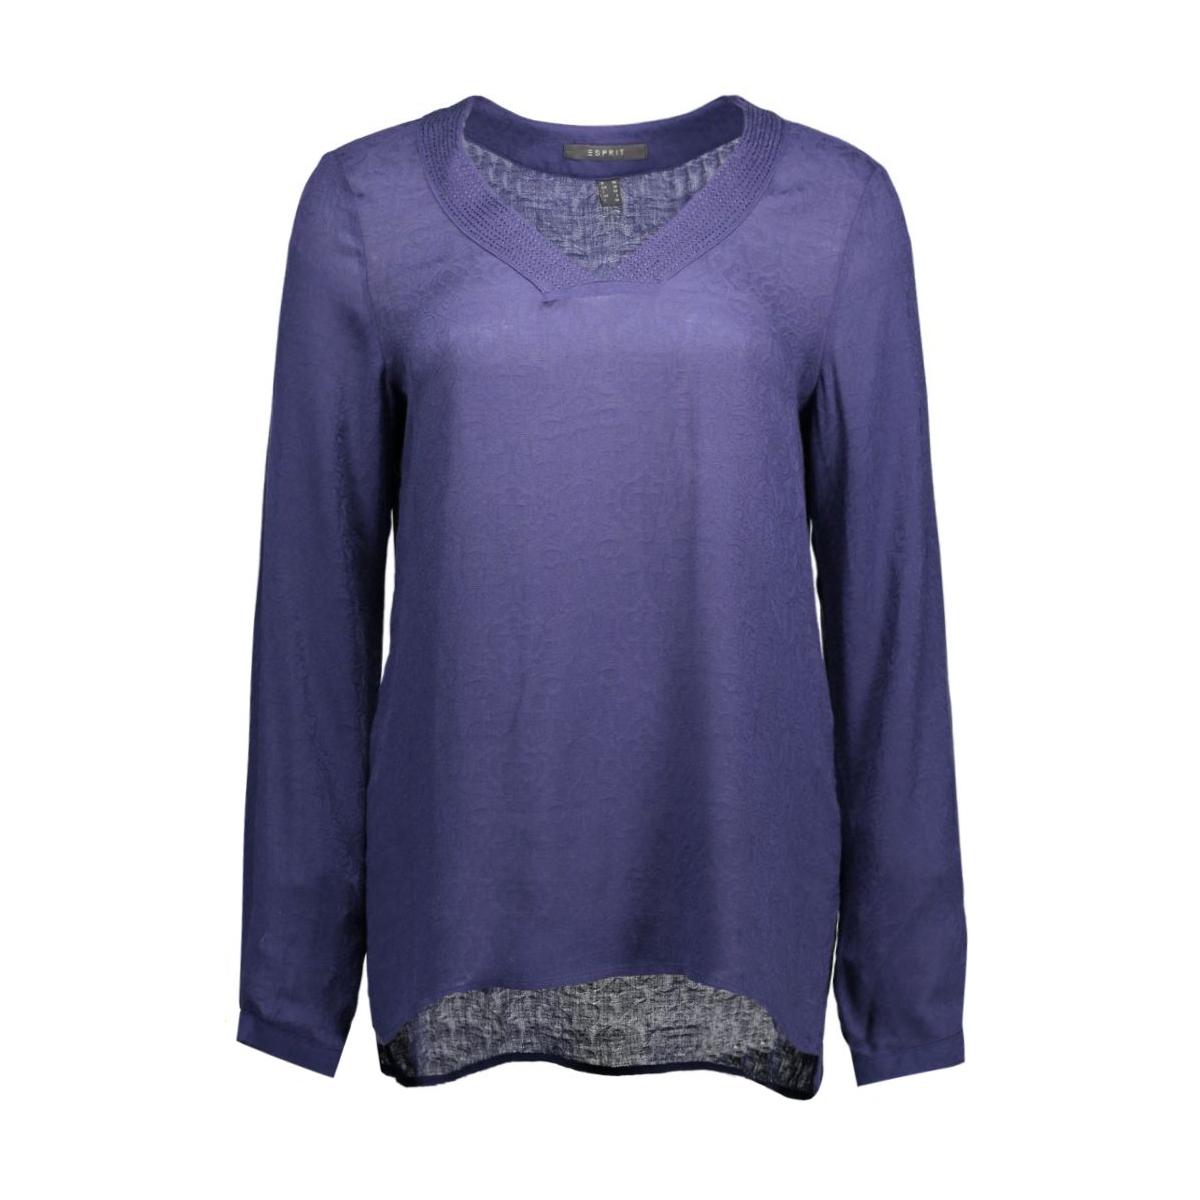 016eo1f001 esprit collection t-shirt e400